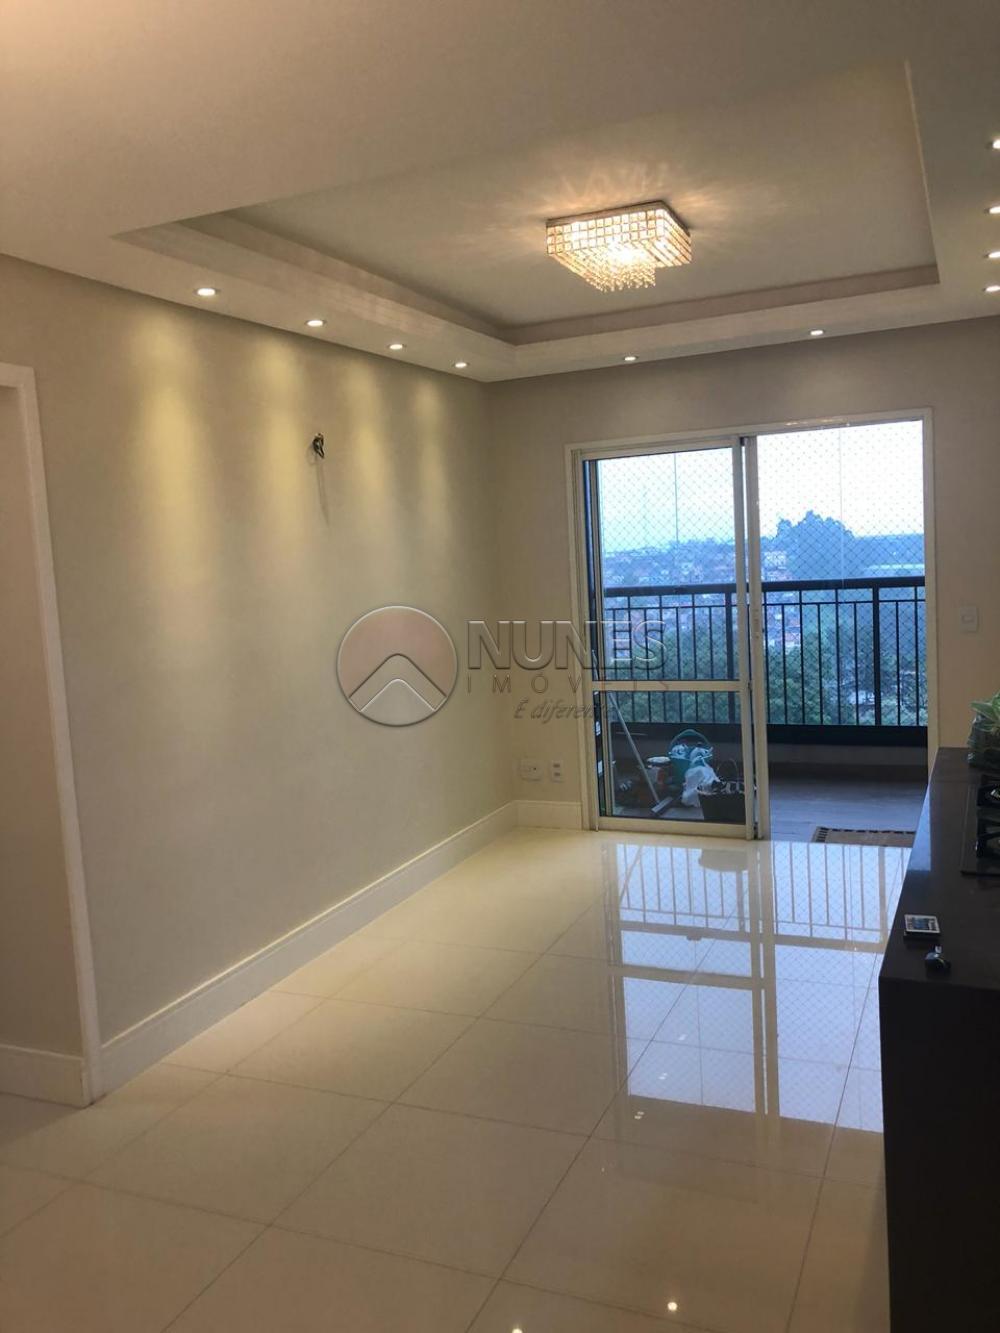 Comprar Apartamento / Padrão em Barueri apenas R$ 520.000,00 - Foto 1